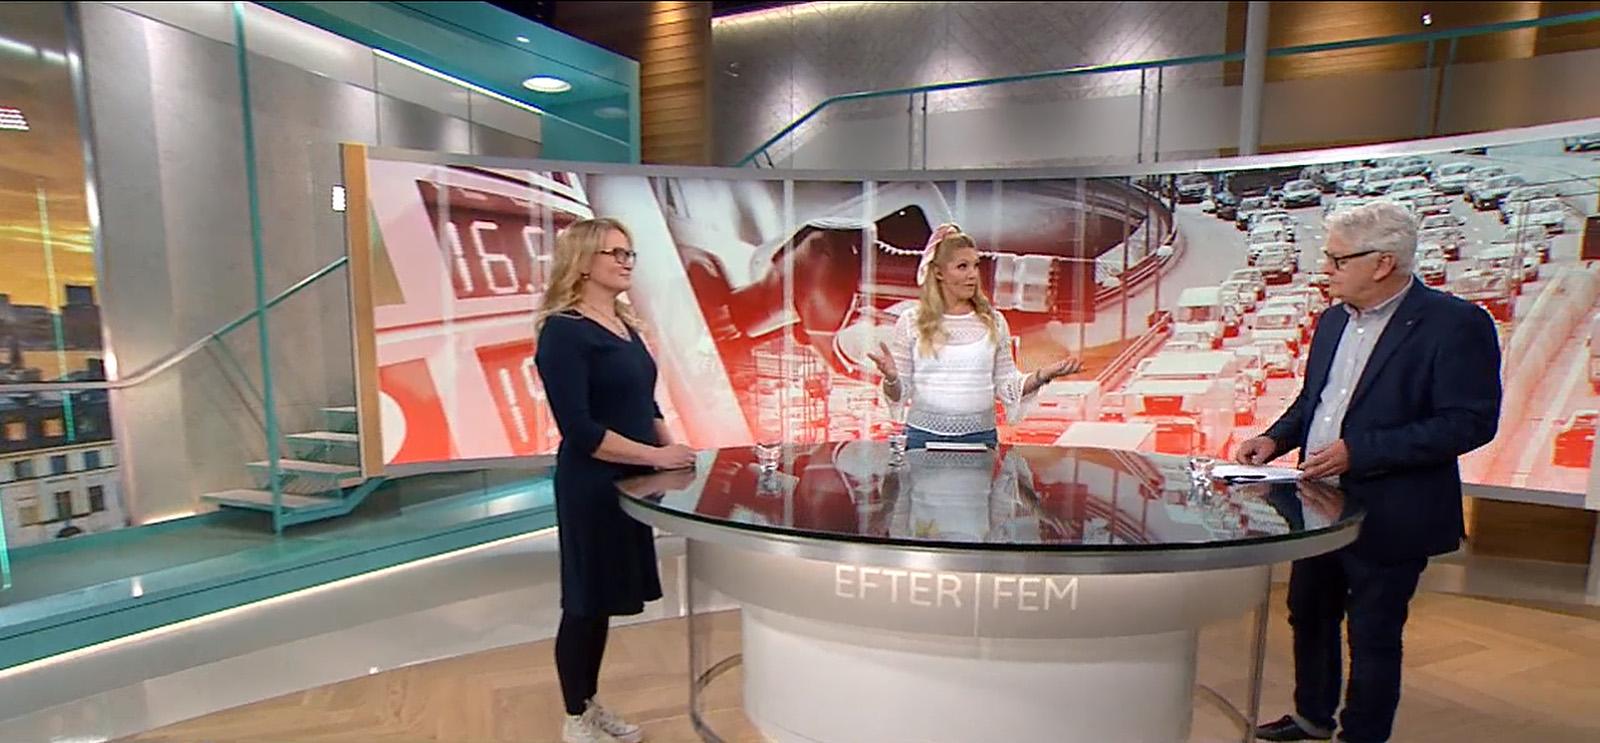 NCS_TV4-Efter-Fem_005